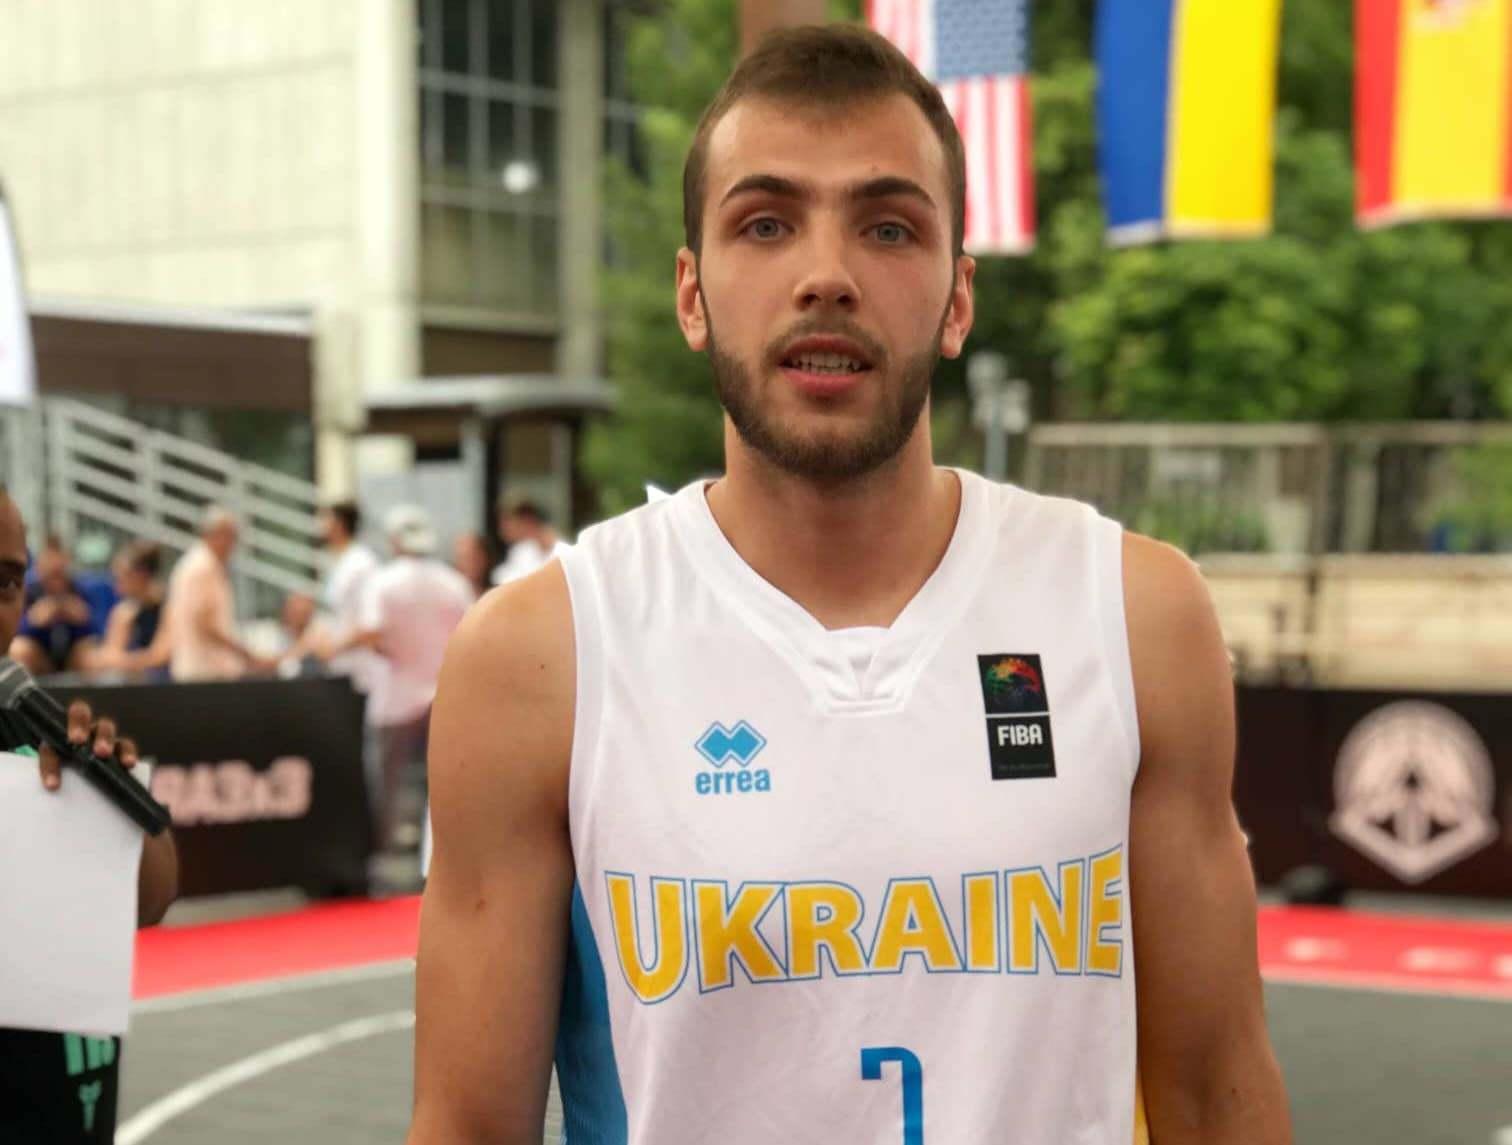 Андрій Кожем'якін виграв конкурс снайперів на турнірі у Вуароні